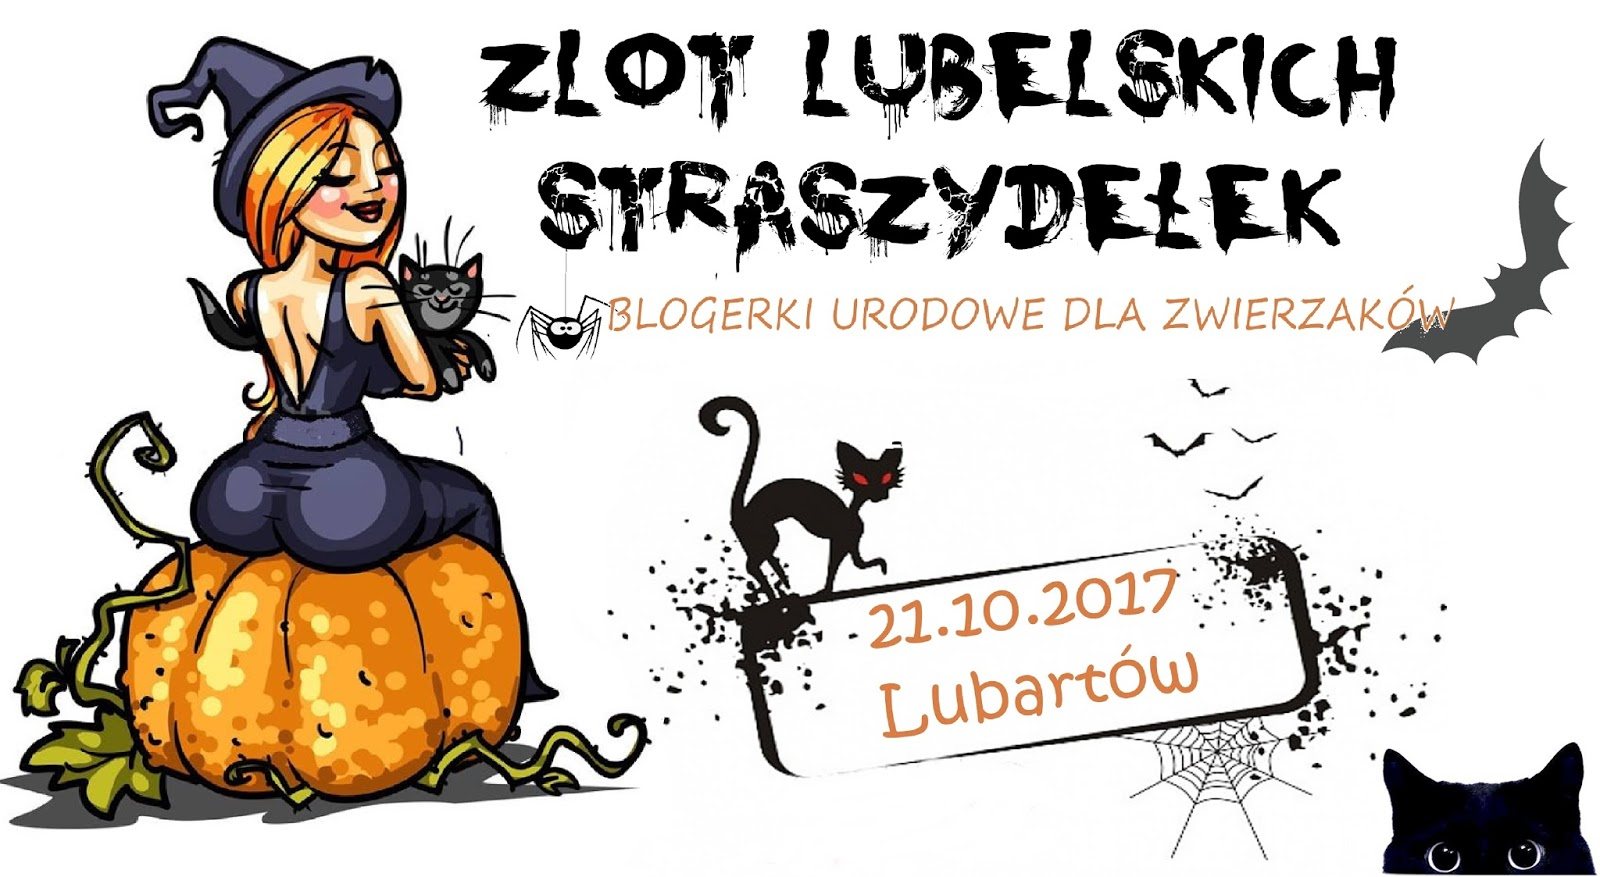 Spotkanie blogerek ;)